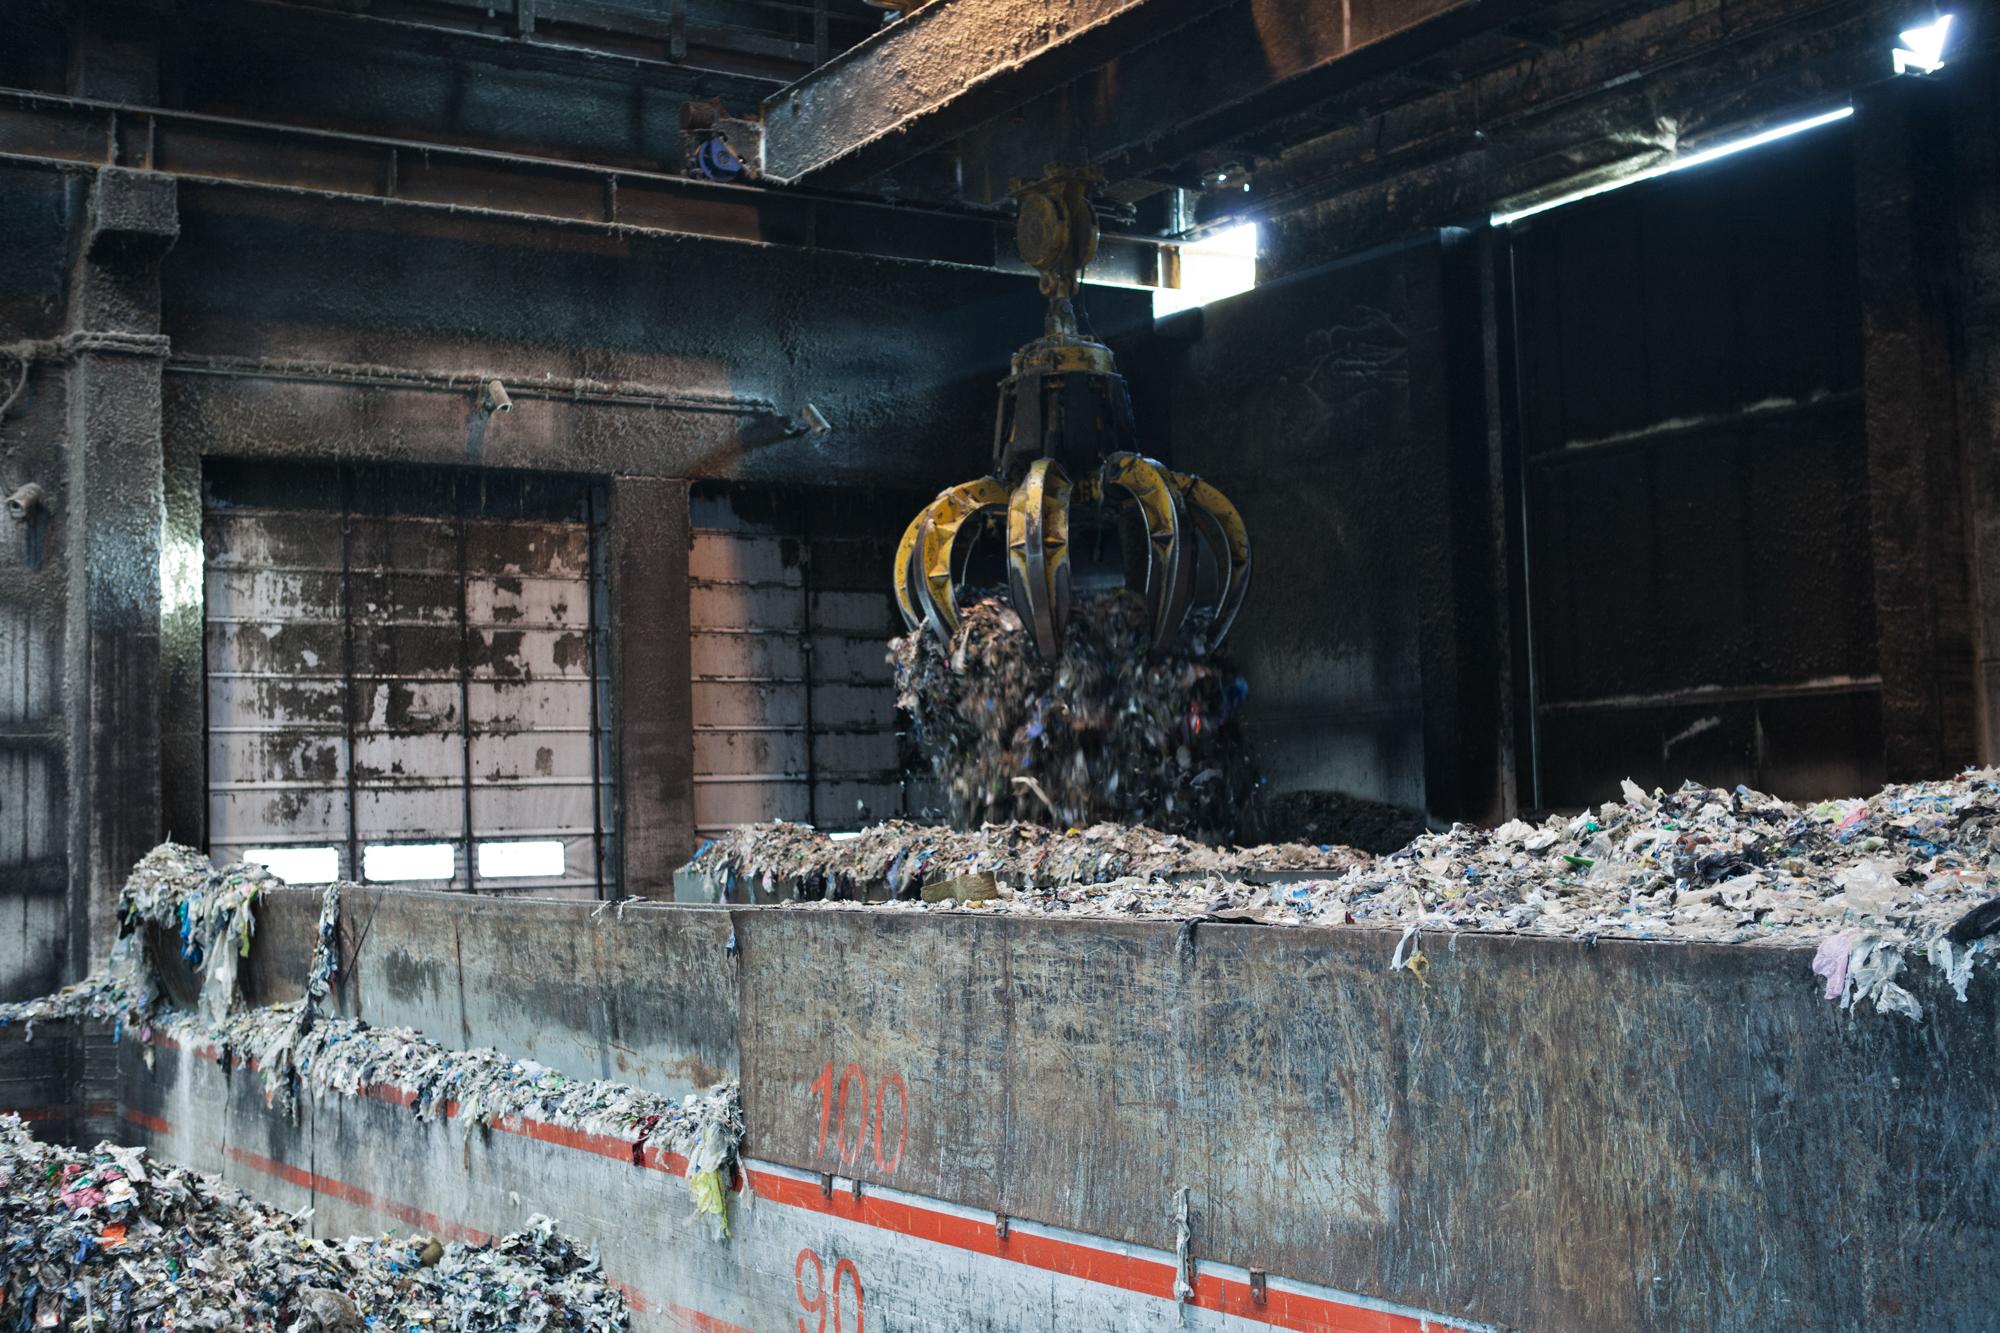 Impianto di termovalorizzatore. Ogni giorno sono bruciate circa 500tonnellate di rifiuti solidi urbani. Nel 2009 sono stati rinvenuti rifiuti di derivazione industriale incompatibili con il tipo di impianto.Colleferro, novembre 2013